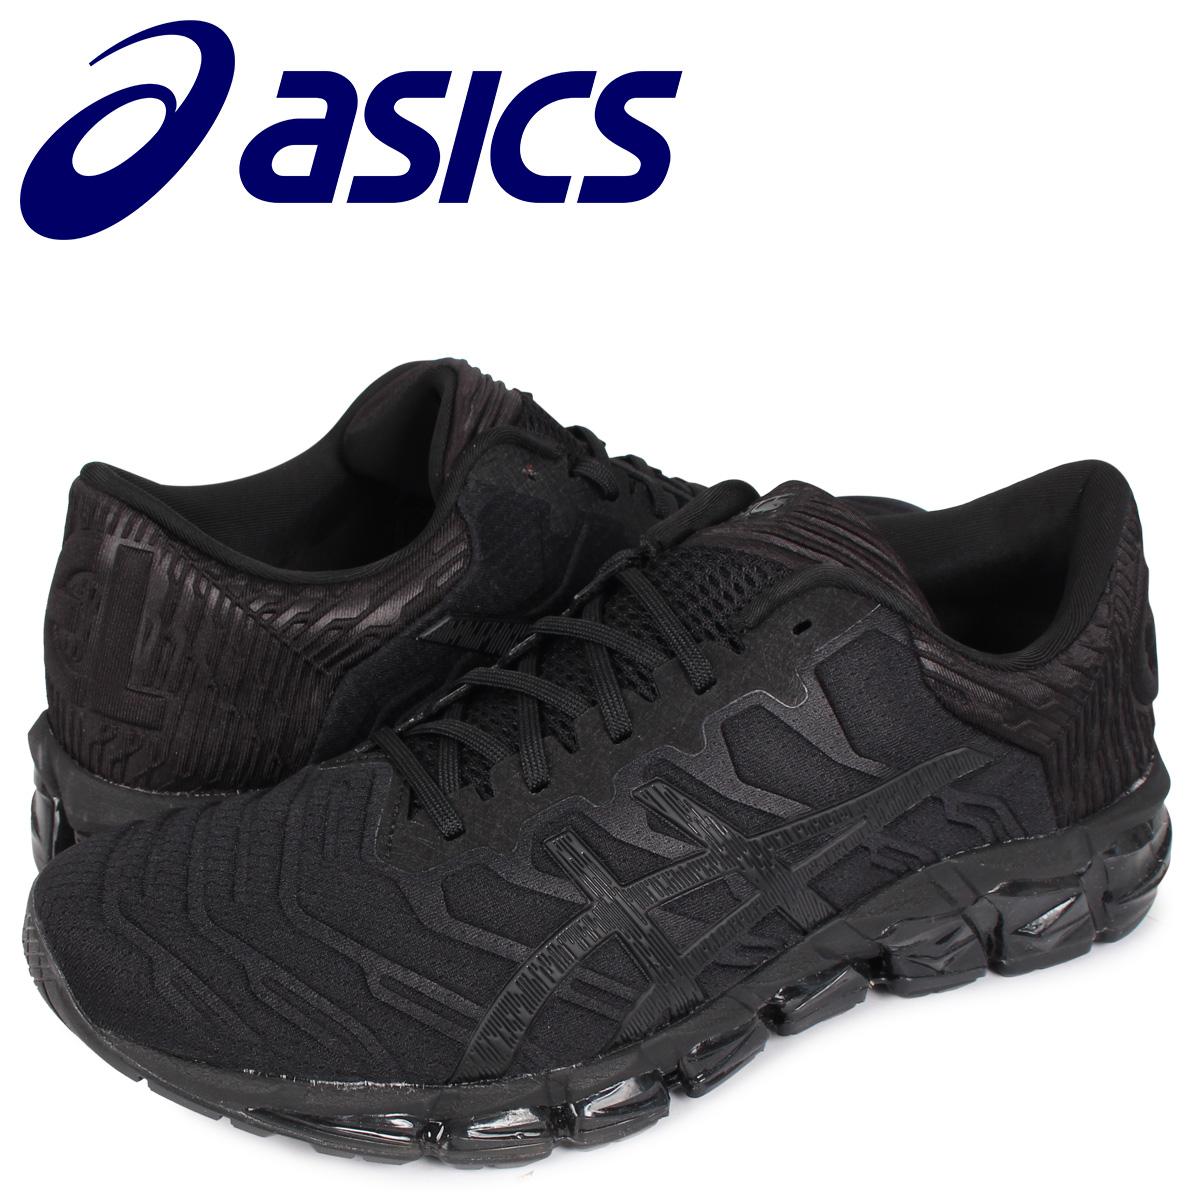 アシックス asics ゲル クァンタム スニーカー メンズ GEL-QUANTUM 360 5 ブラック 黒 1021A113-002